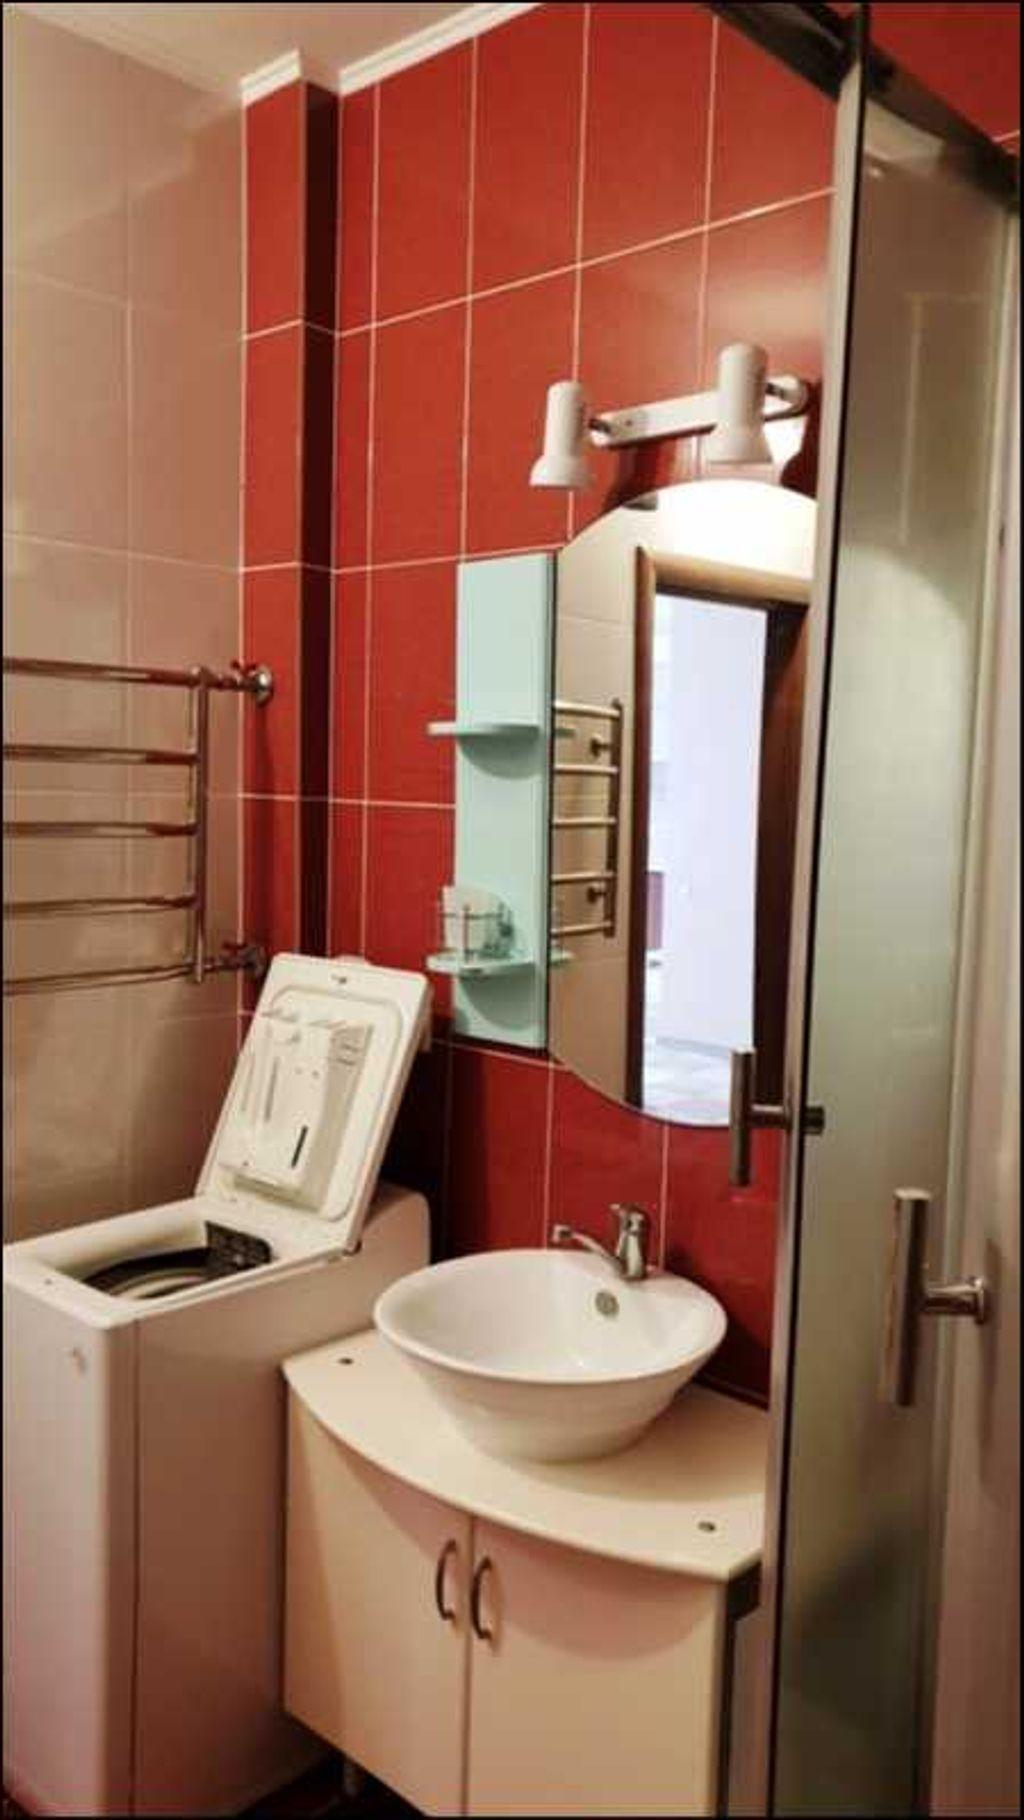 продам 1-комнатную квартиру Киев, ул.Елены Пчилки ул. 6 - Фото 3